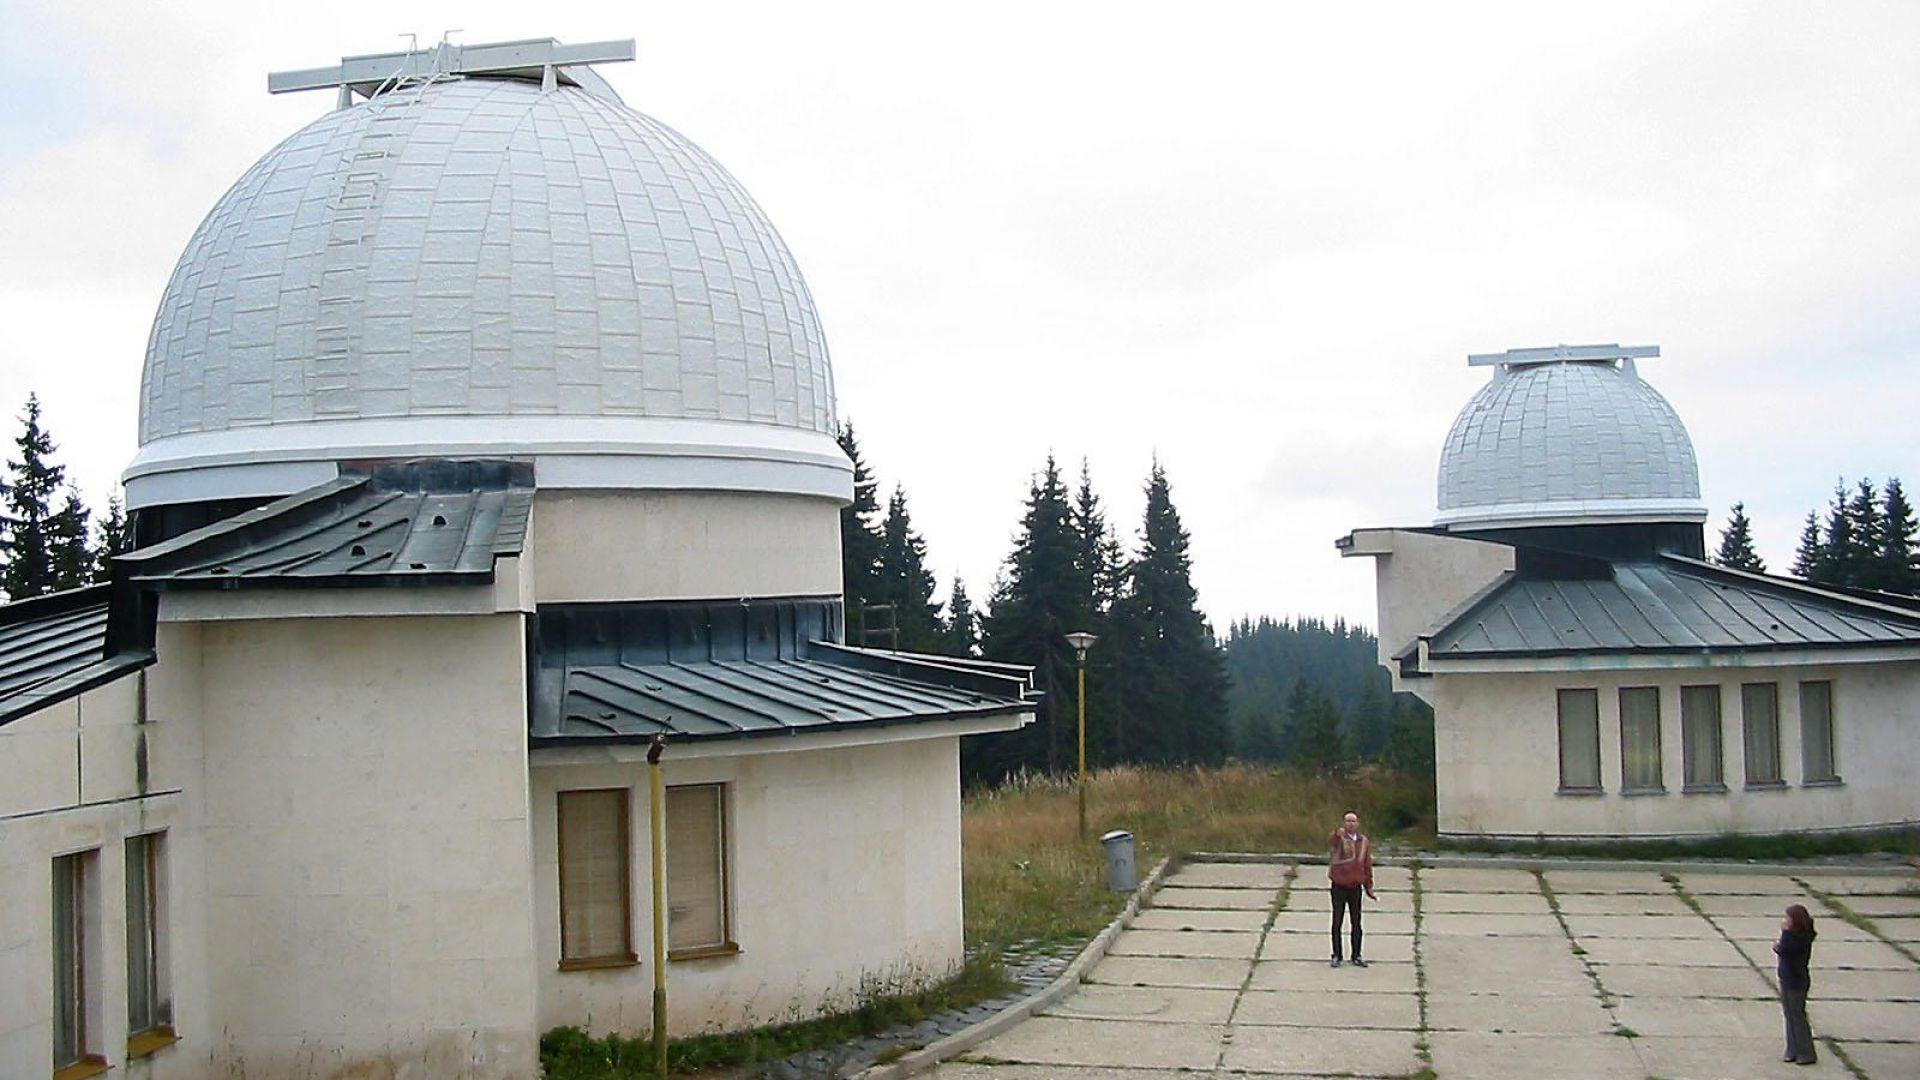 Обсерваторията в Рожен ще има роботизиран телескоп за 3,5 млн. лв.